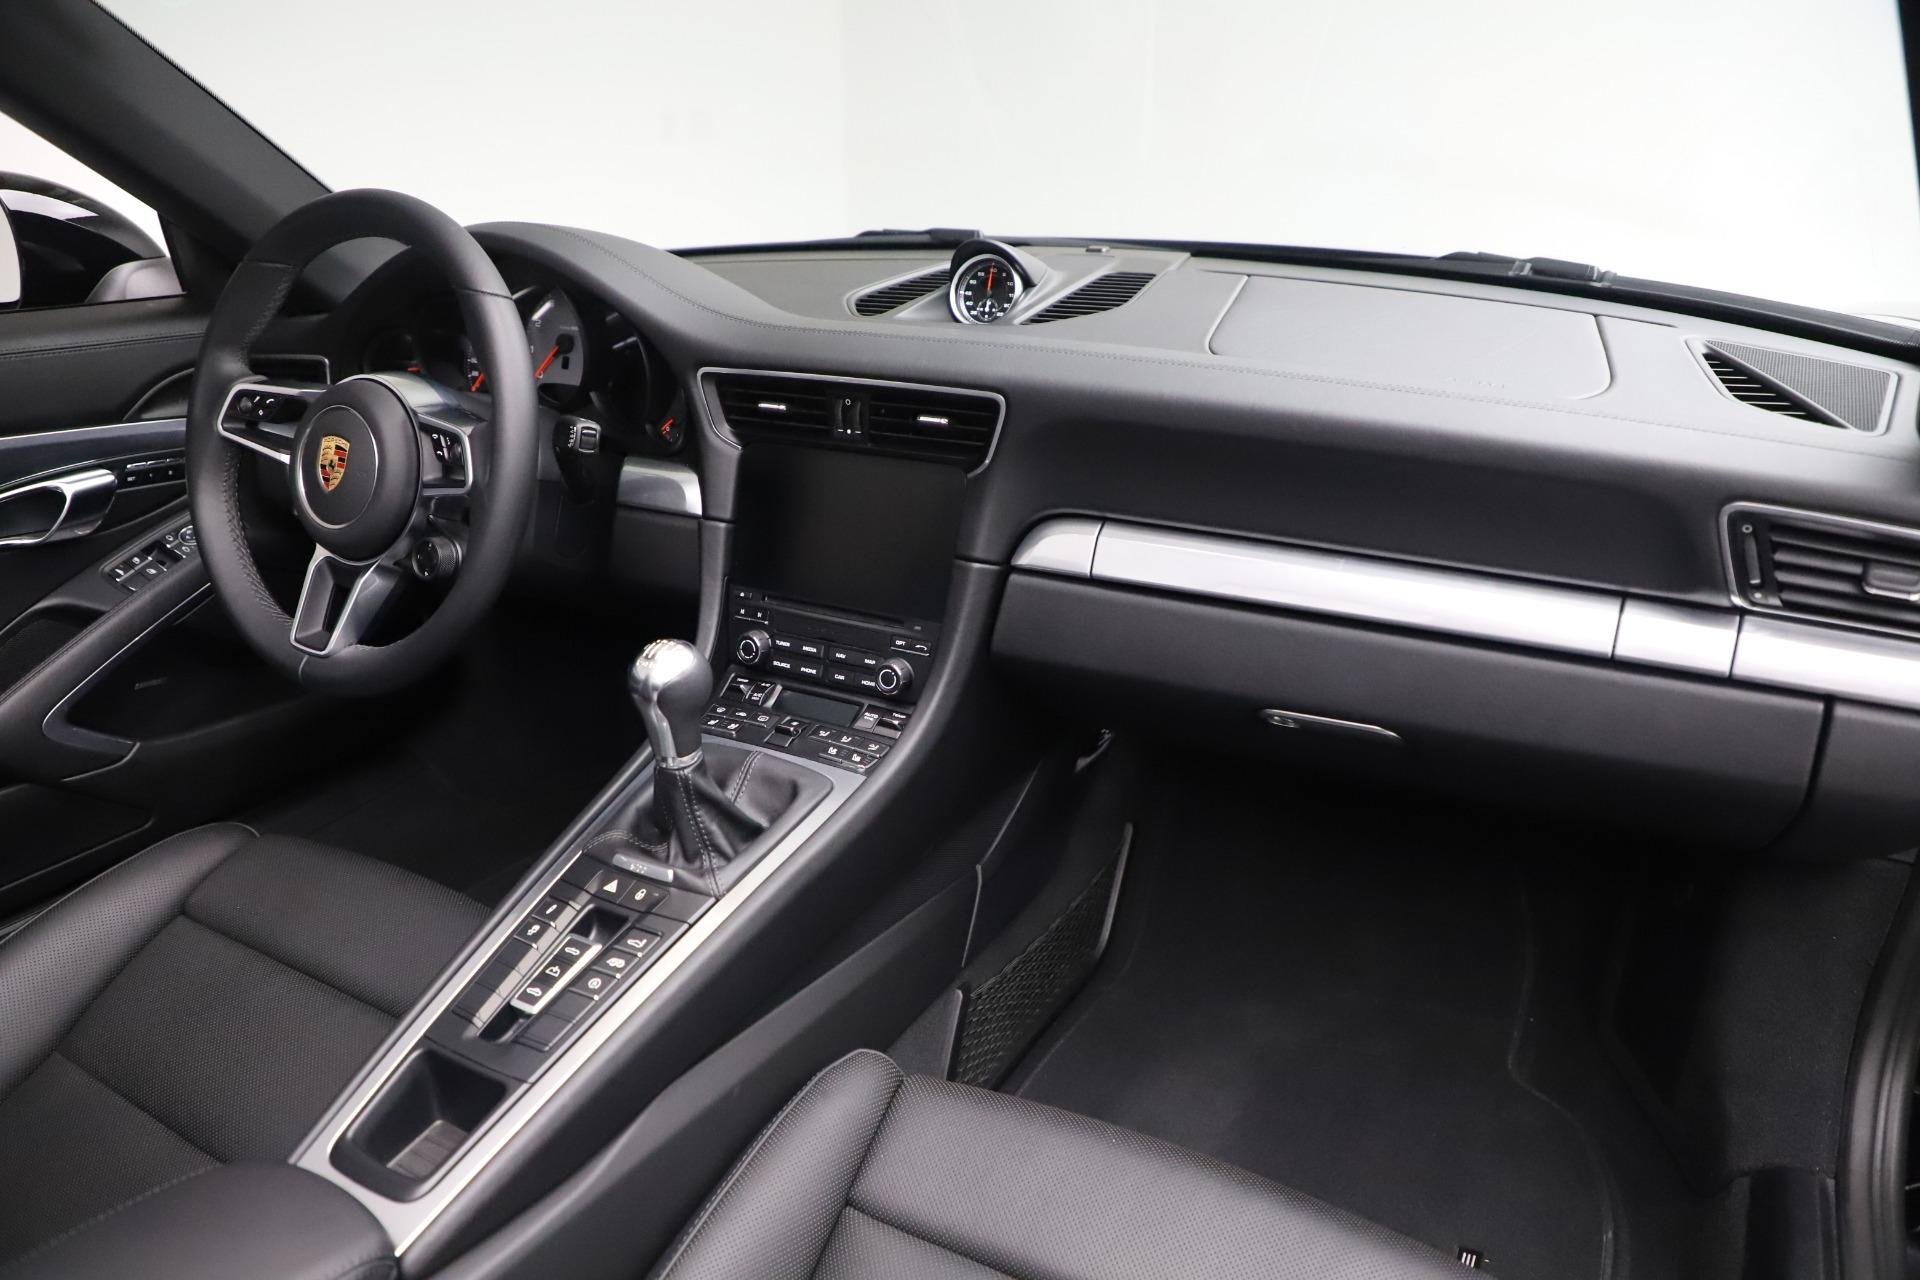 Used 2017 Porsche 911 Carrera 4S For Sale In Westport, CT 3562_p24